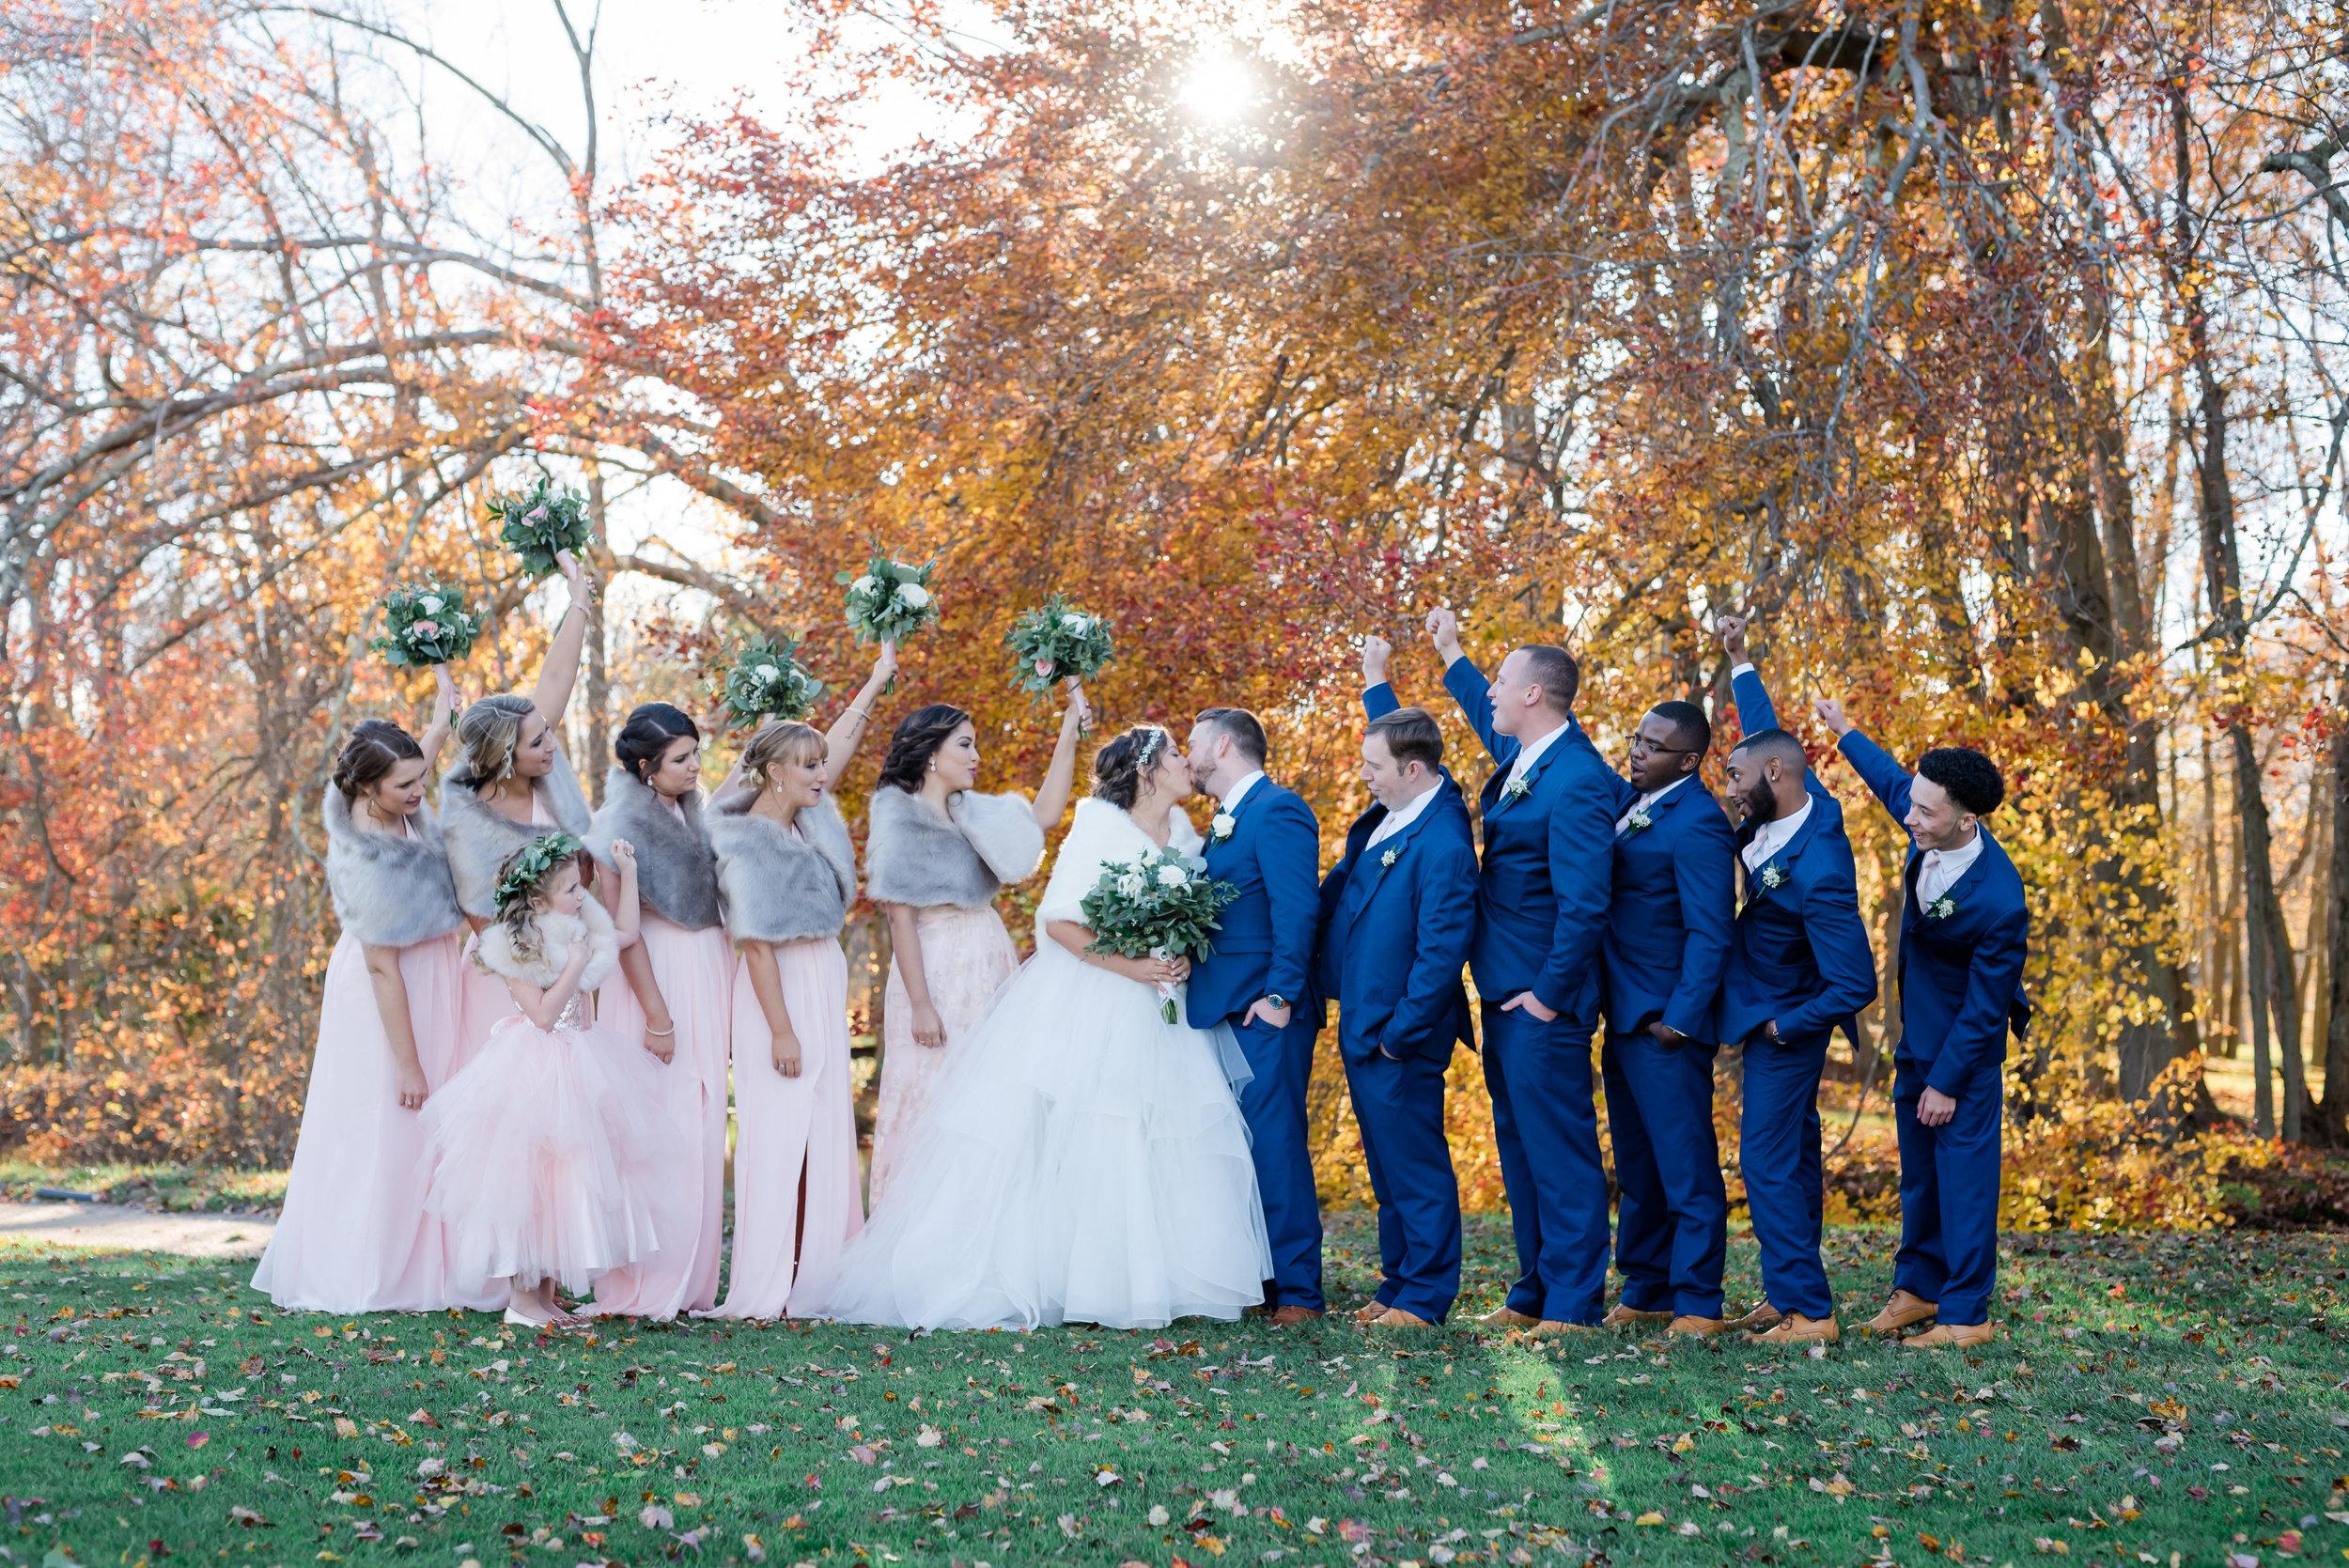 Saul Wedding Eastlyn Golf Course Vineland NJ-7 Bridal Party-0134.jpg